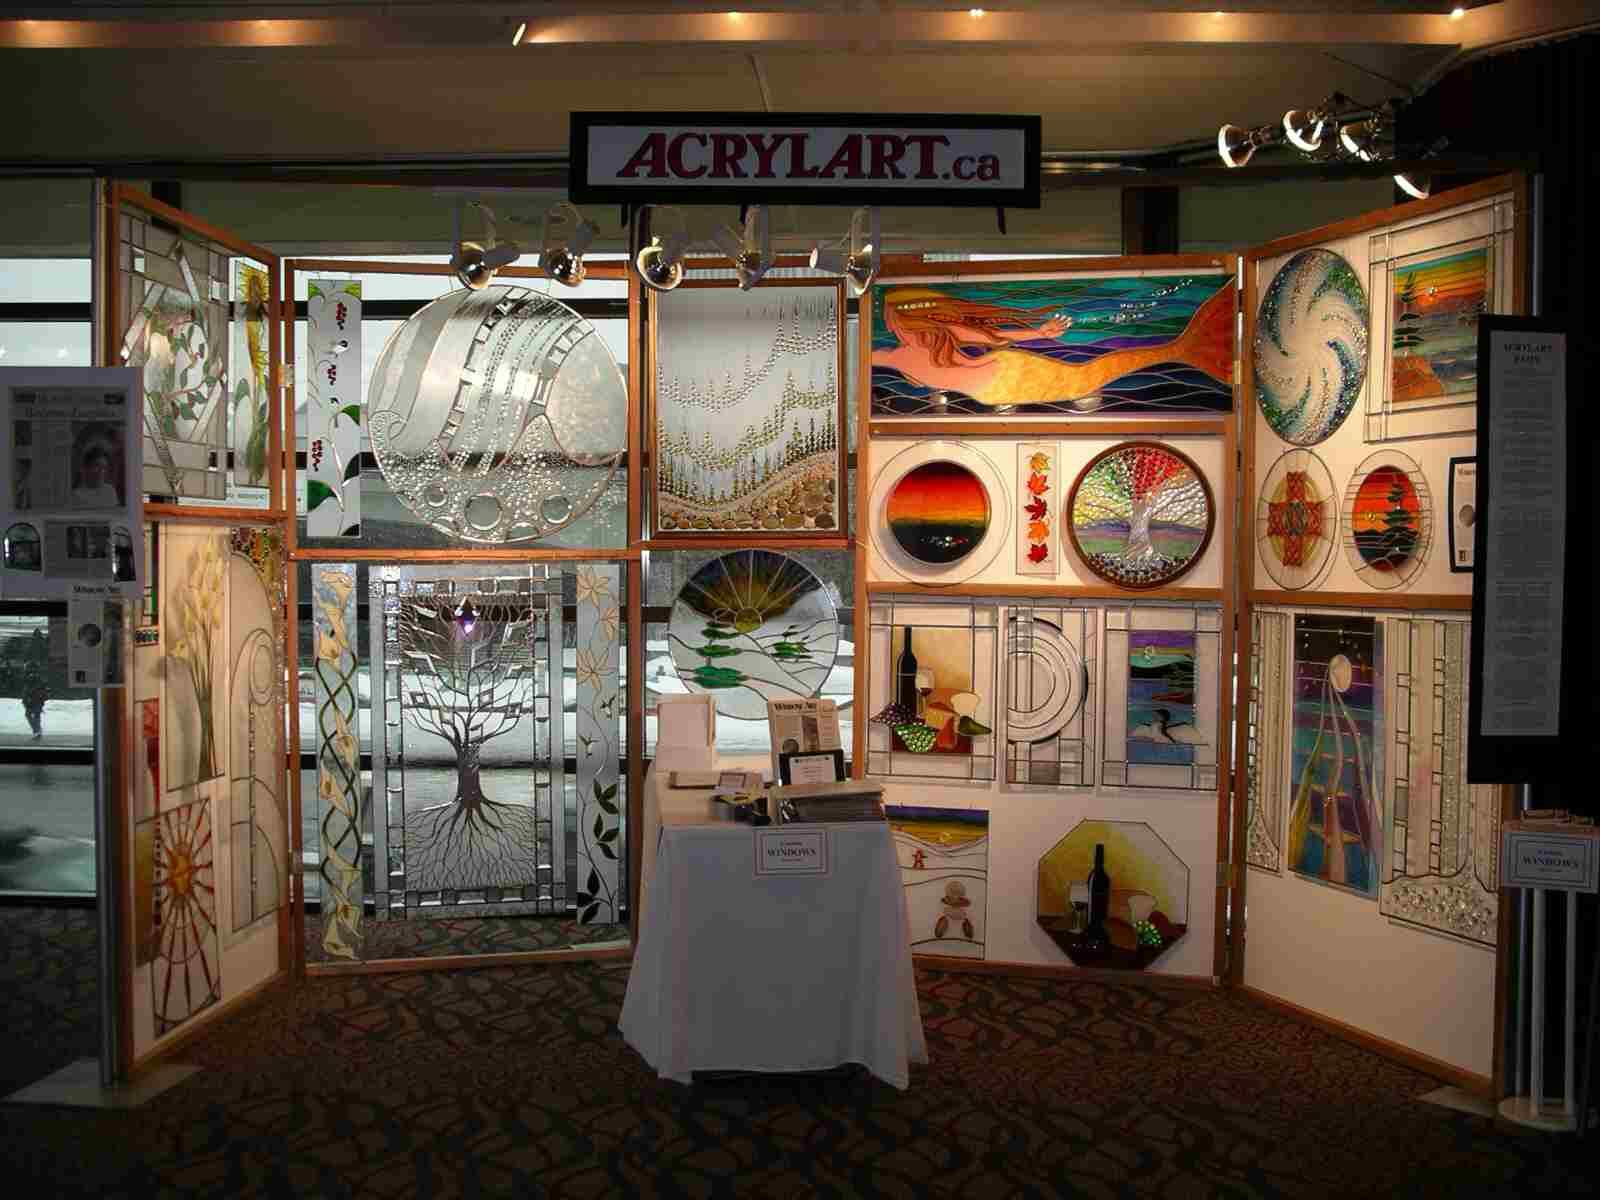 Art Gallery Of Lynette Chubb